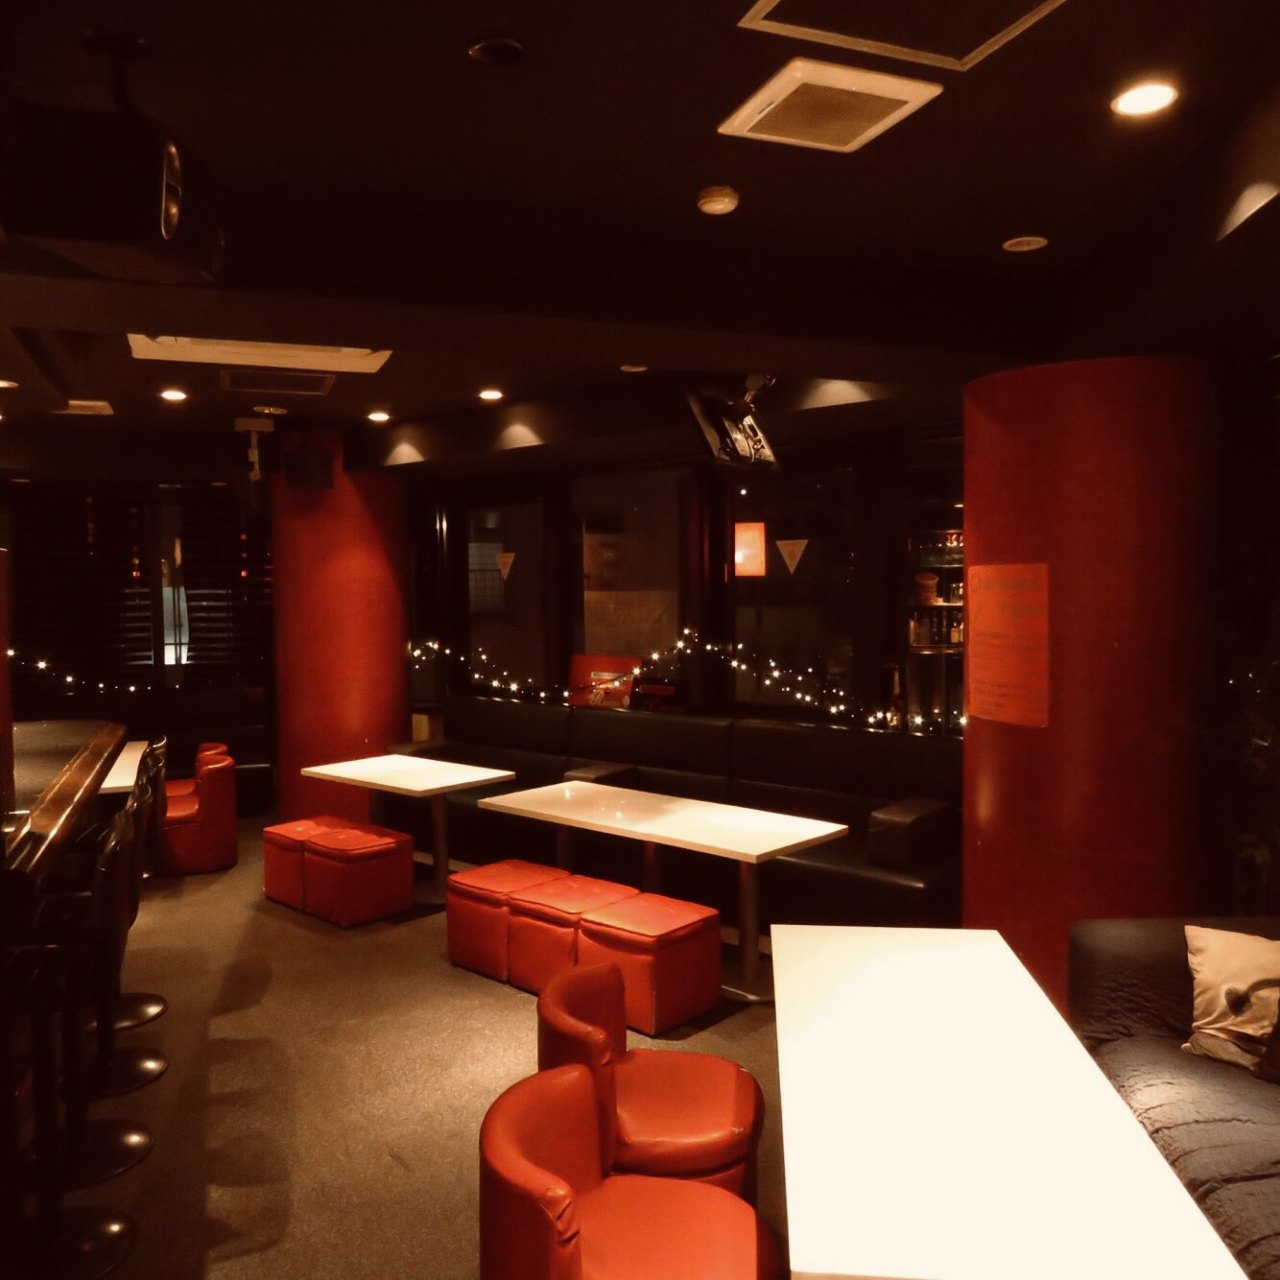 貸切パーティ&カラオケ Bar Ream 池袋立教通り店